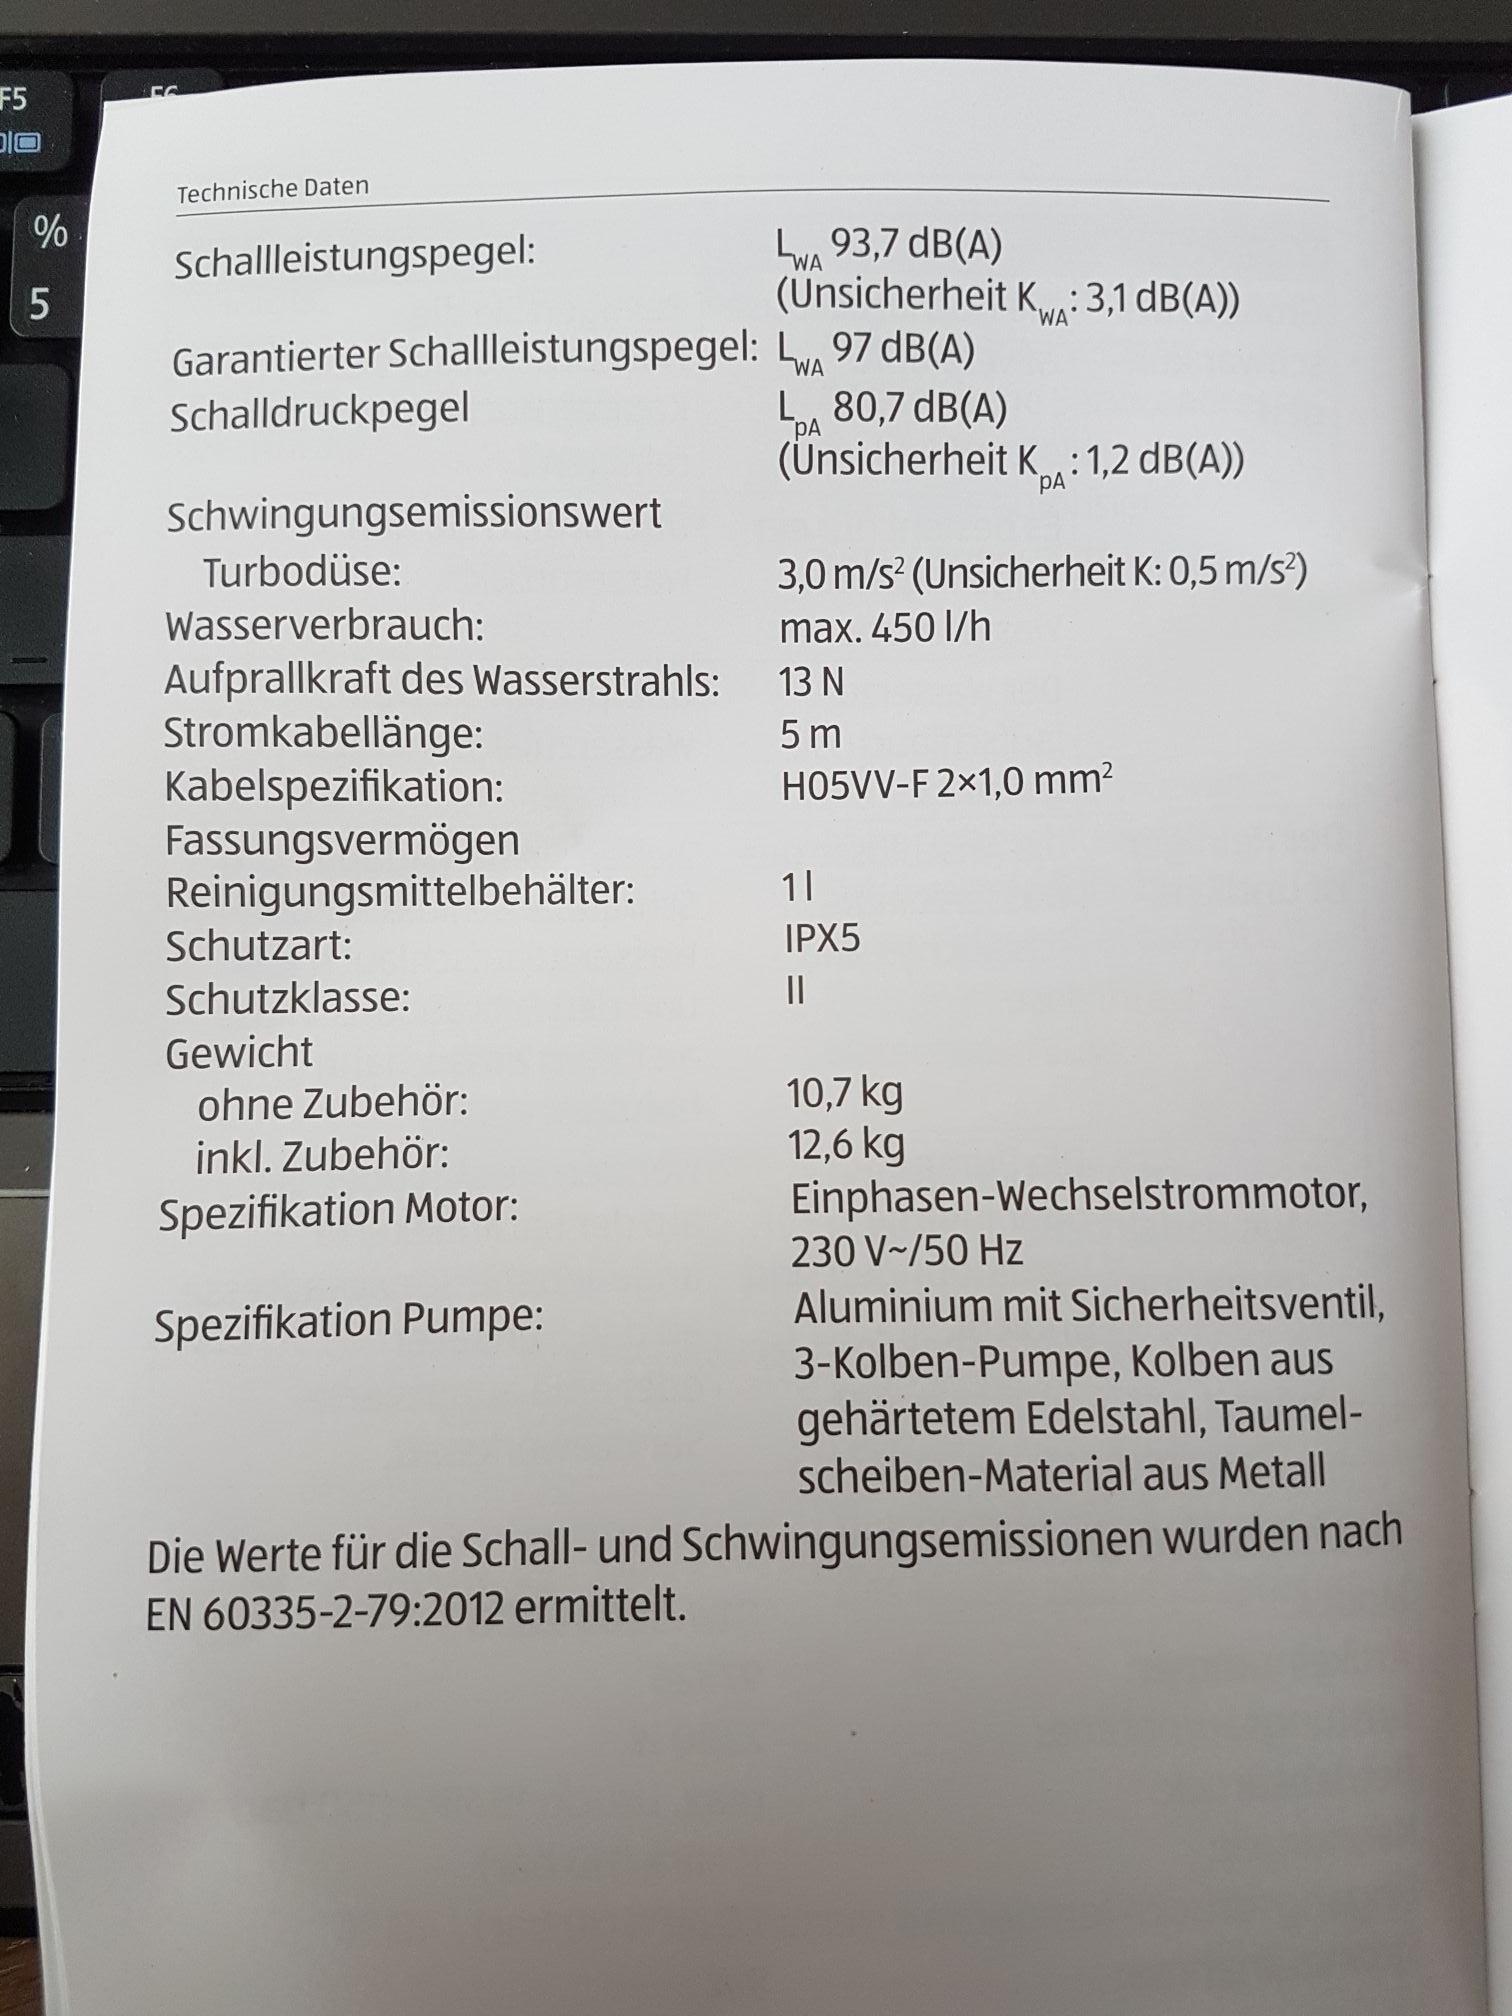 21300813-7Lfj7.jpg